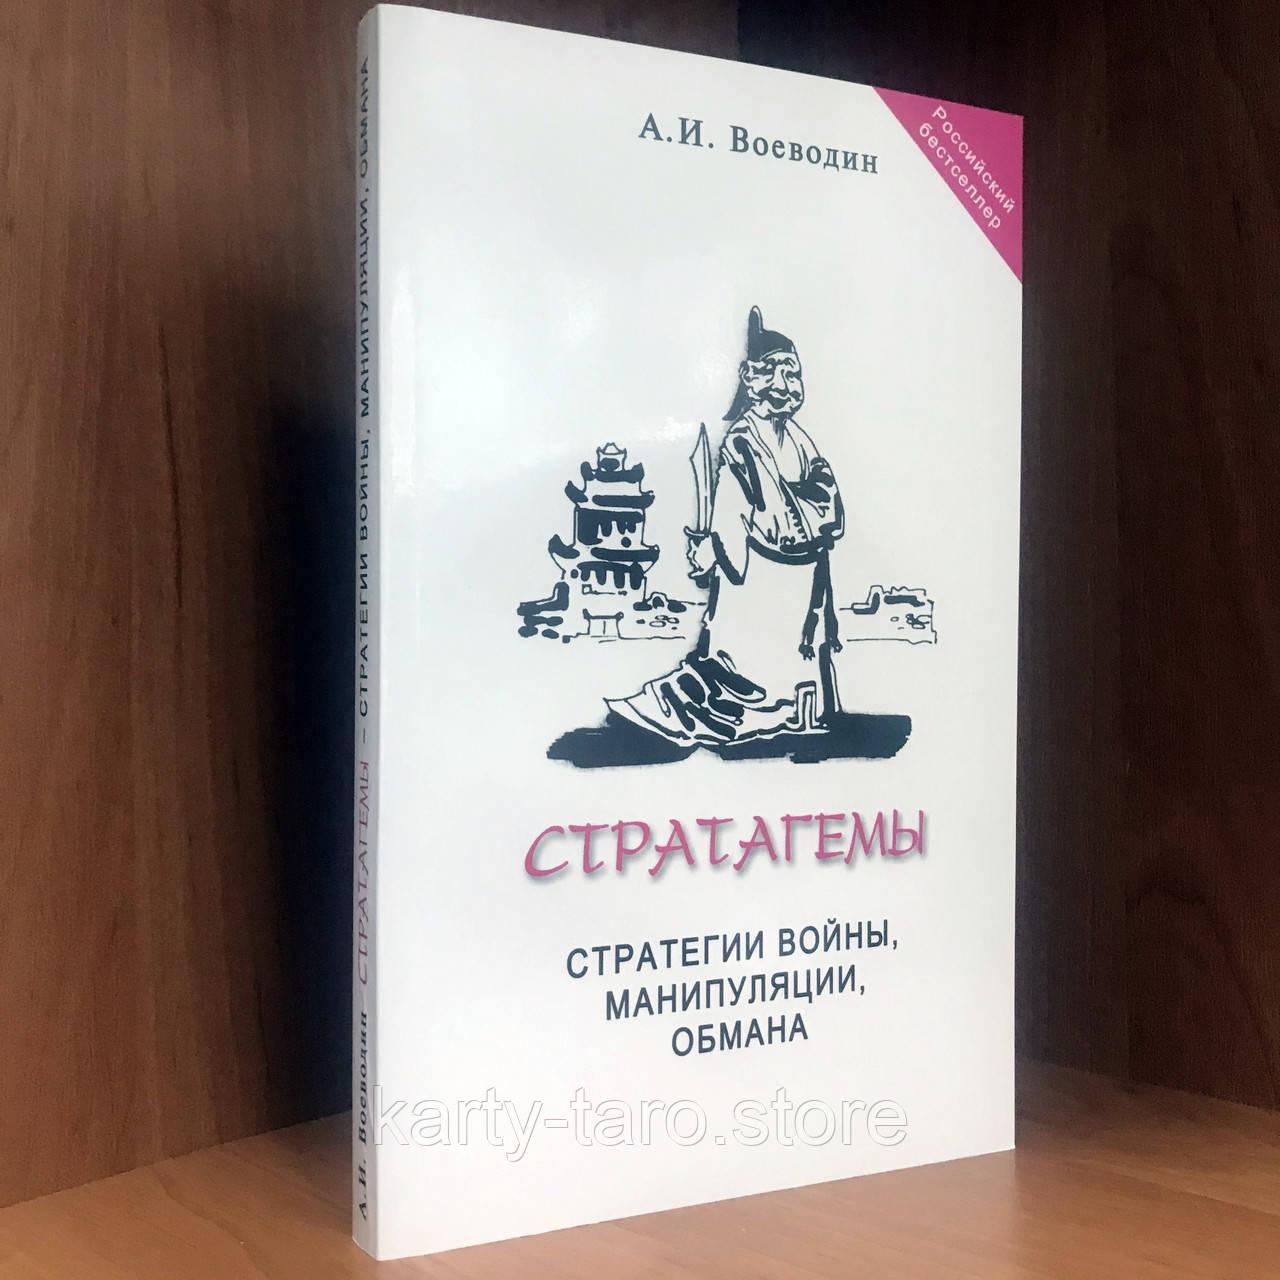 Книга Стратагемы (Стратегии войны манипуляции обмана) - Алексей Воеводин